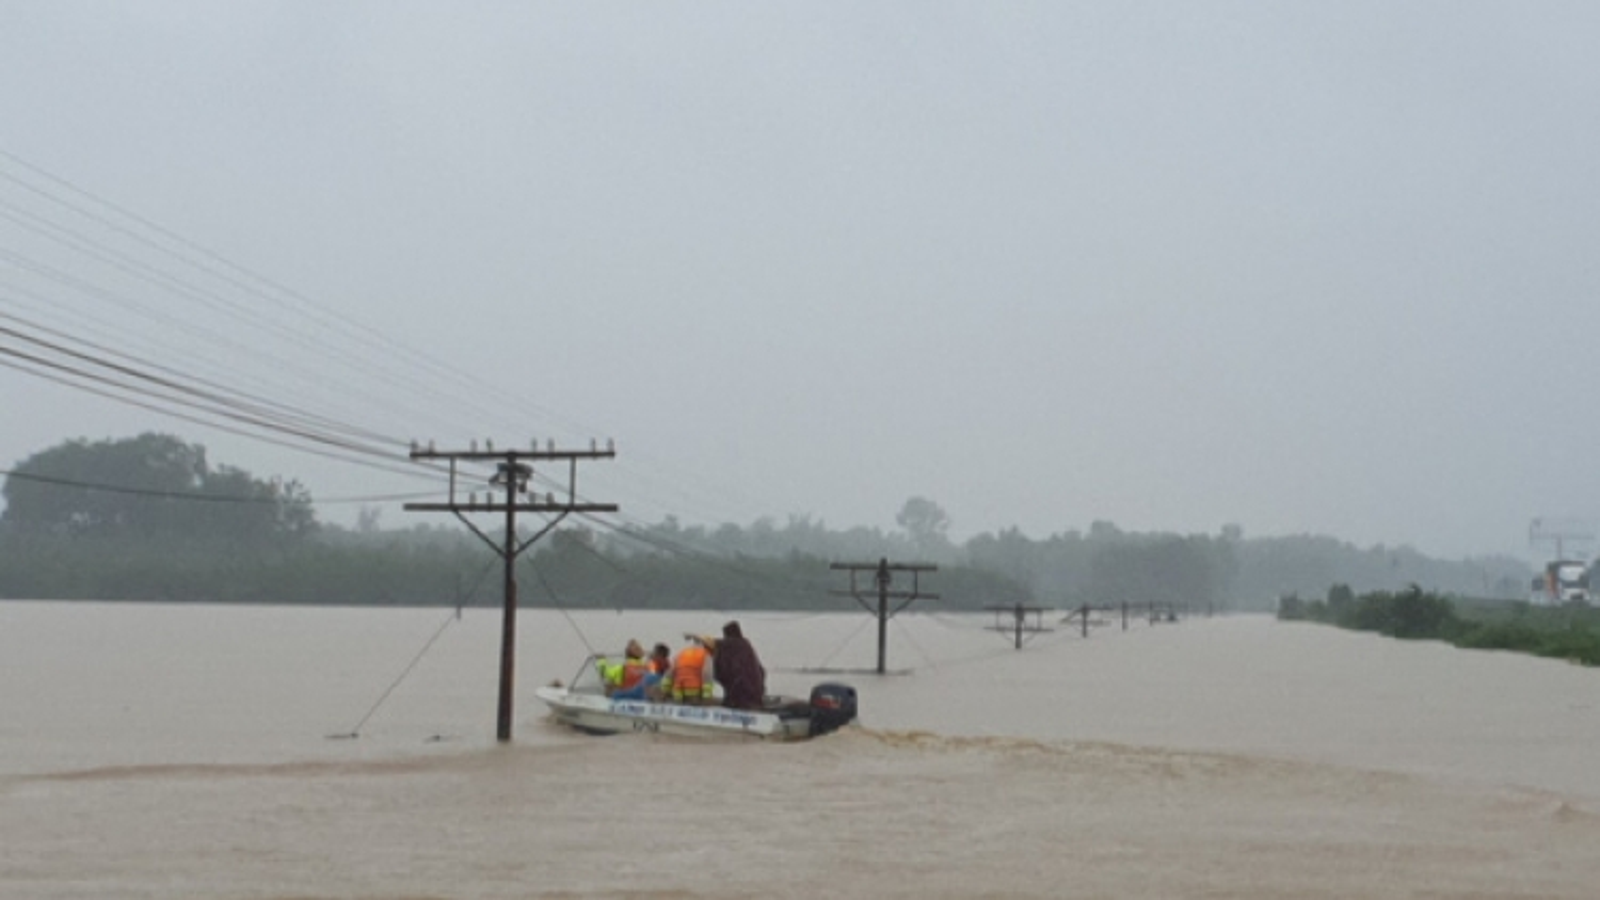 Quảng Trị khẩn trương khắc phục sự cố lưới điện do mưa lũ